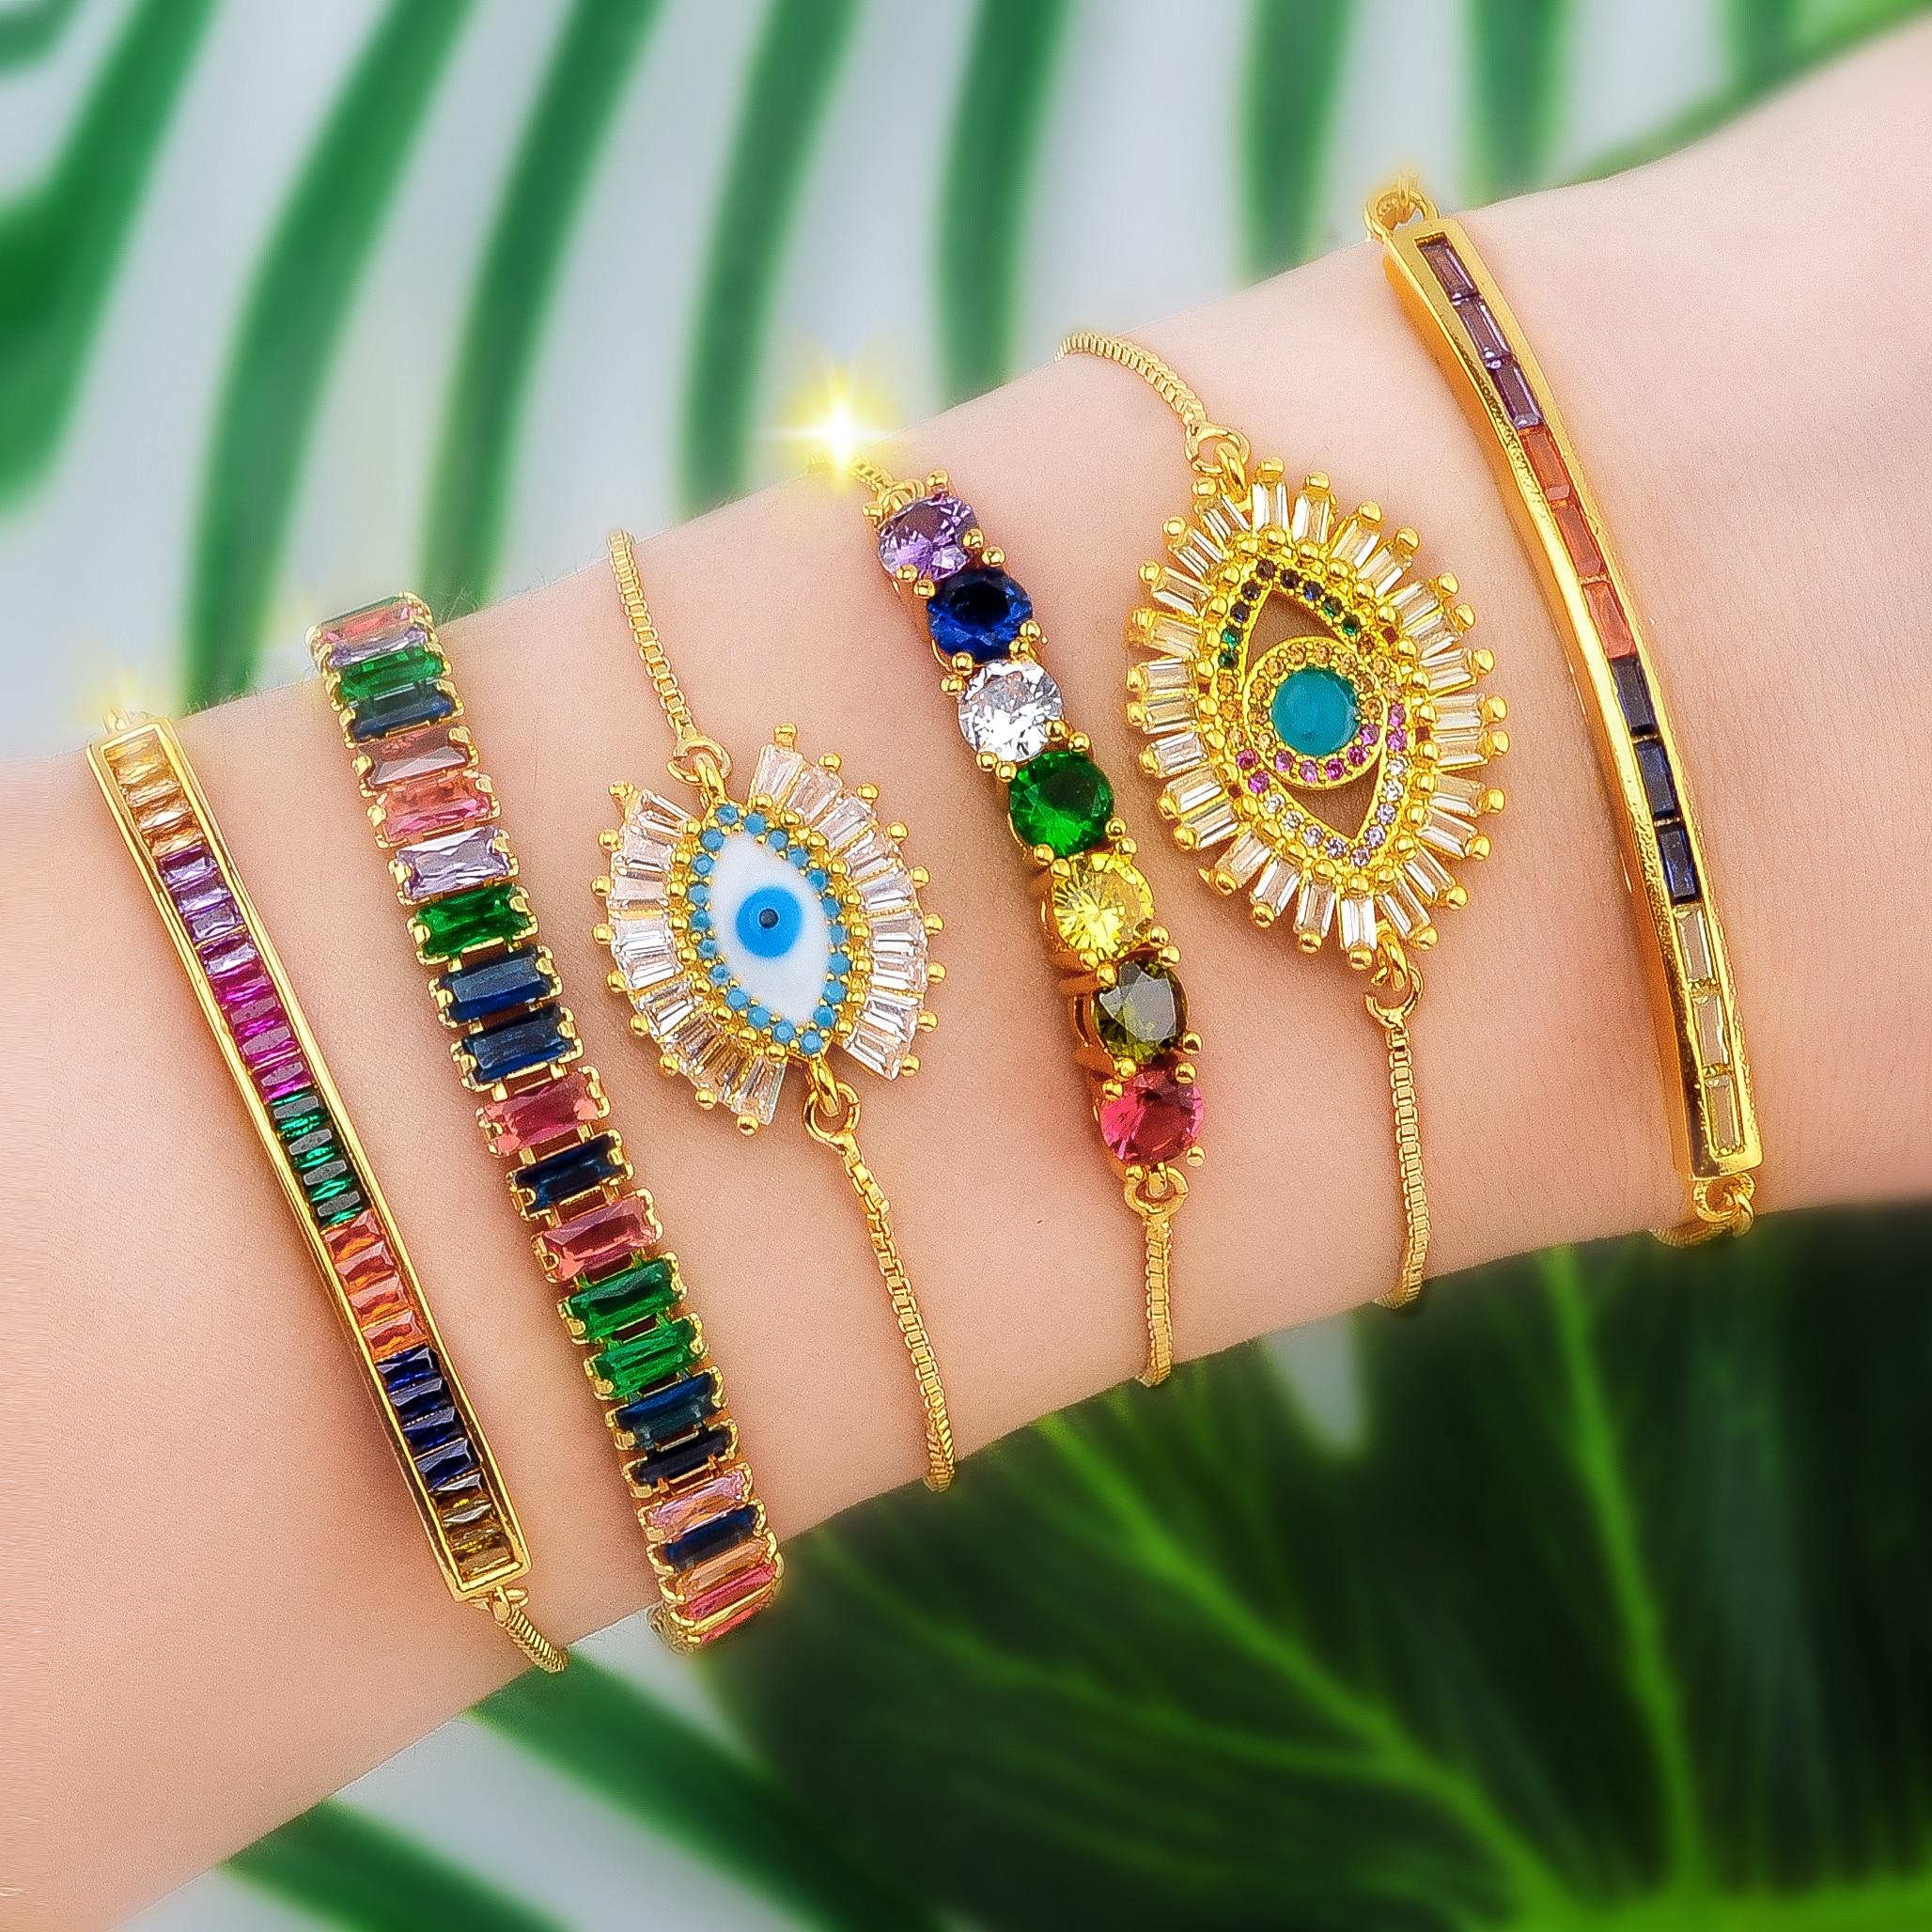 Hot Gold Zirconia Bracelet&bangle Women's Rainbow Shell Bracelet Luxury Adjustable heart Evil Eye Snake Chain Bracelet